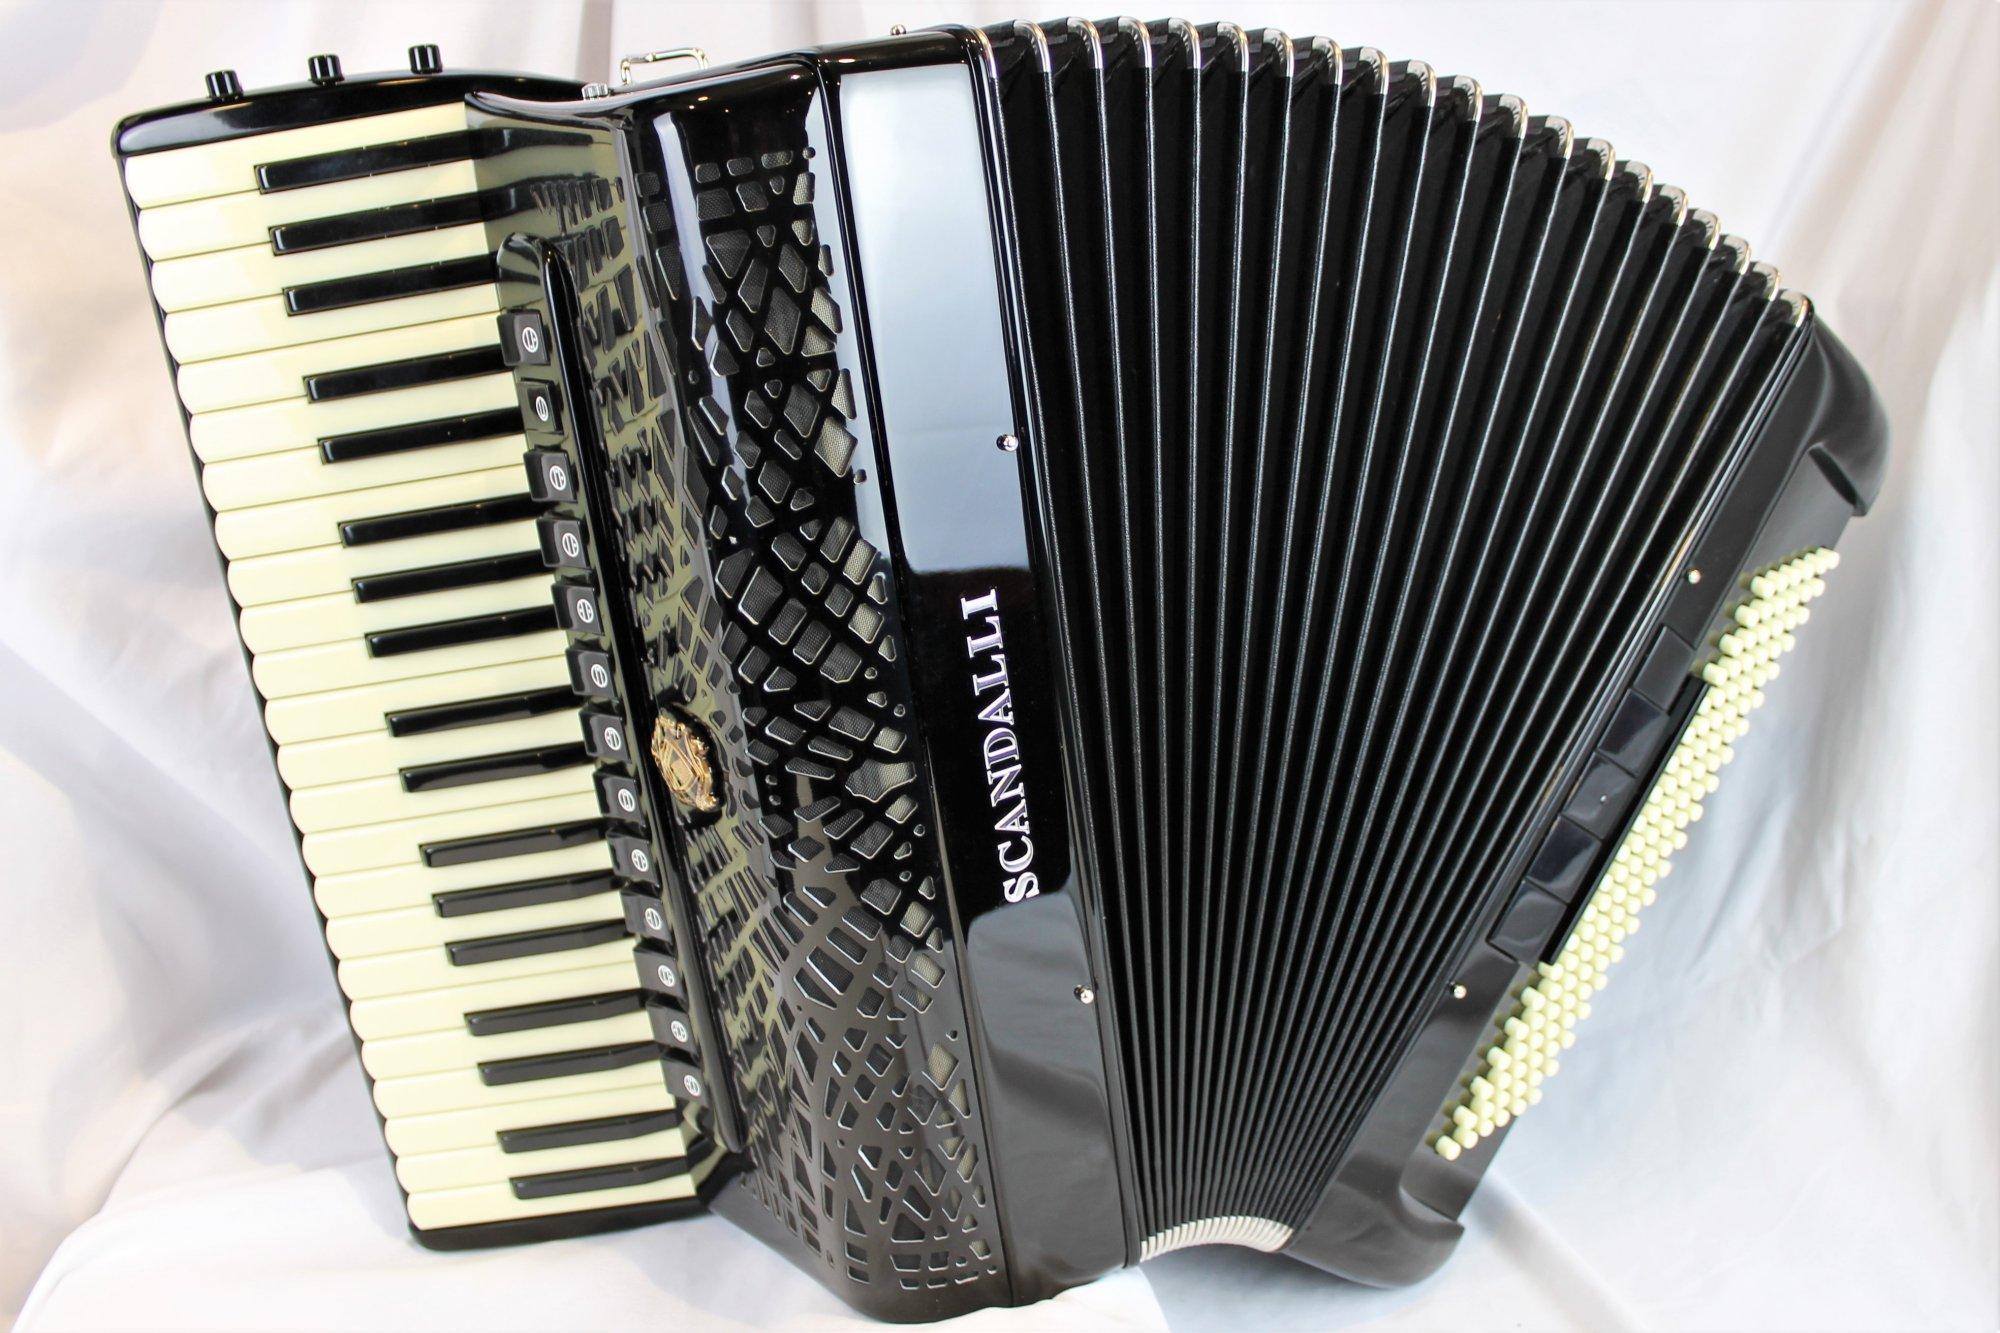 NEW Black Scandalli Conservatorio P 442 Piano Accordion LMMH 41 120